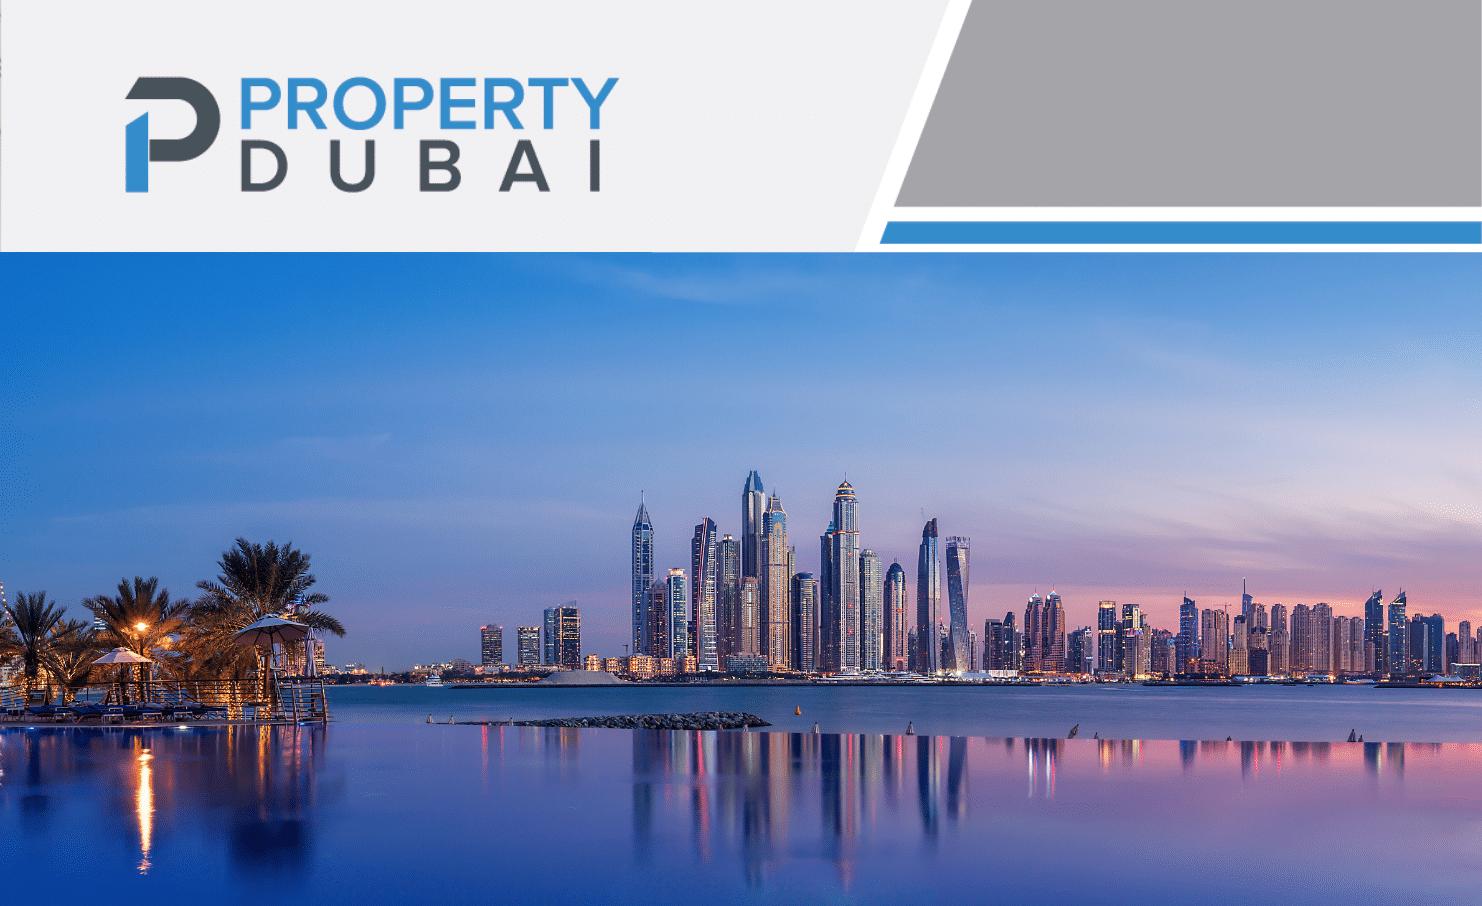 Erstmals seit 2014 zeigen sich im Immobilienmarkt Dubais großflächig steigende Preise